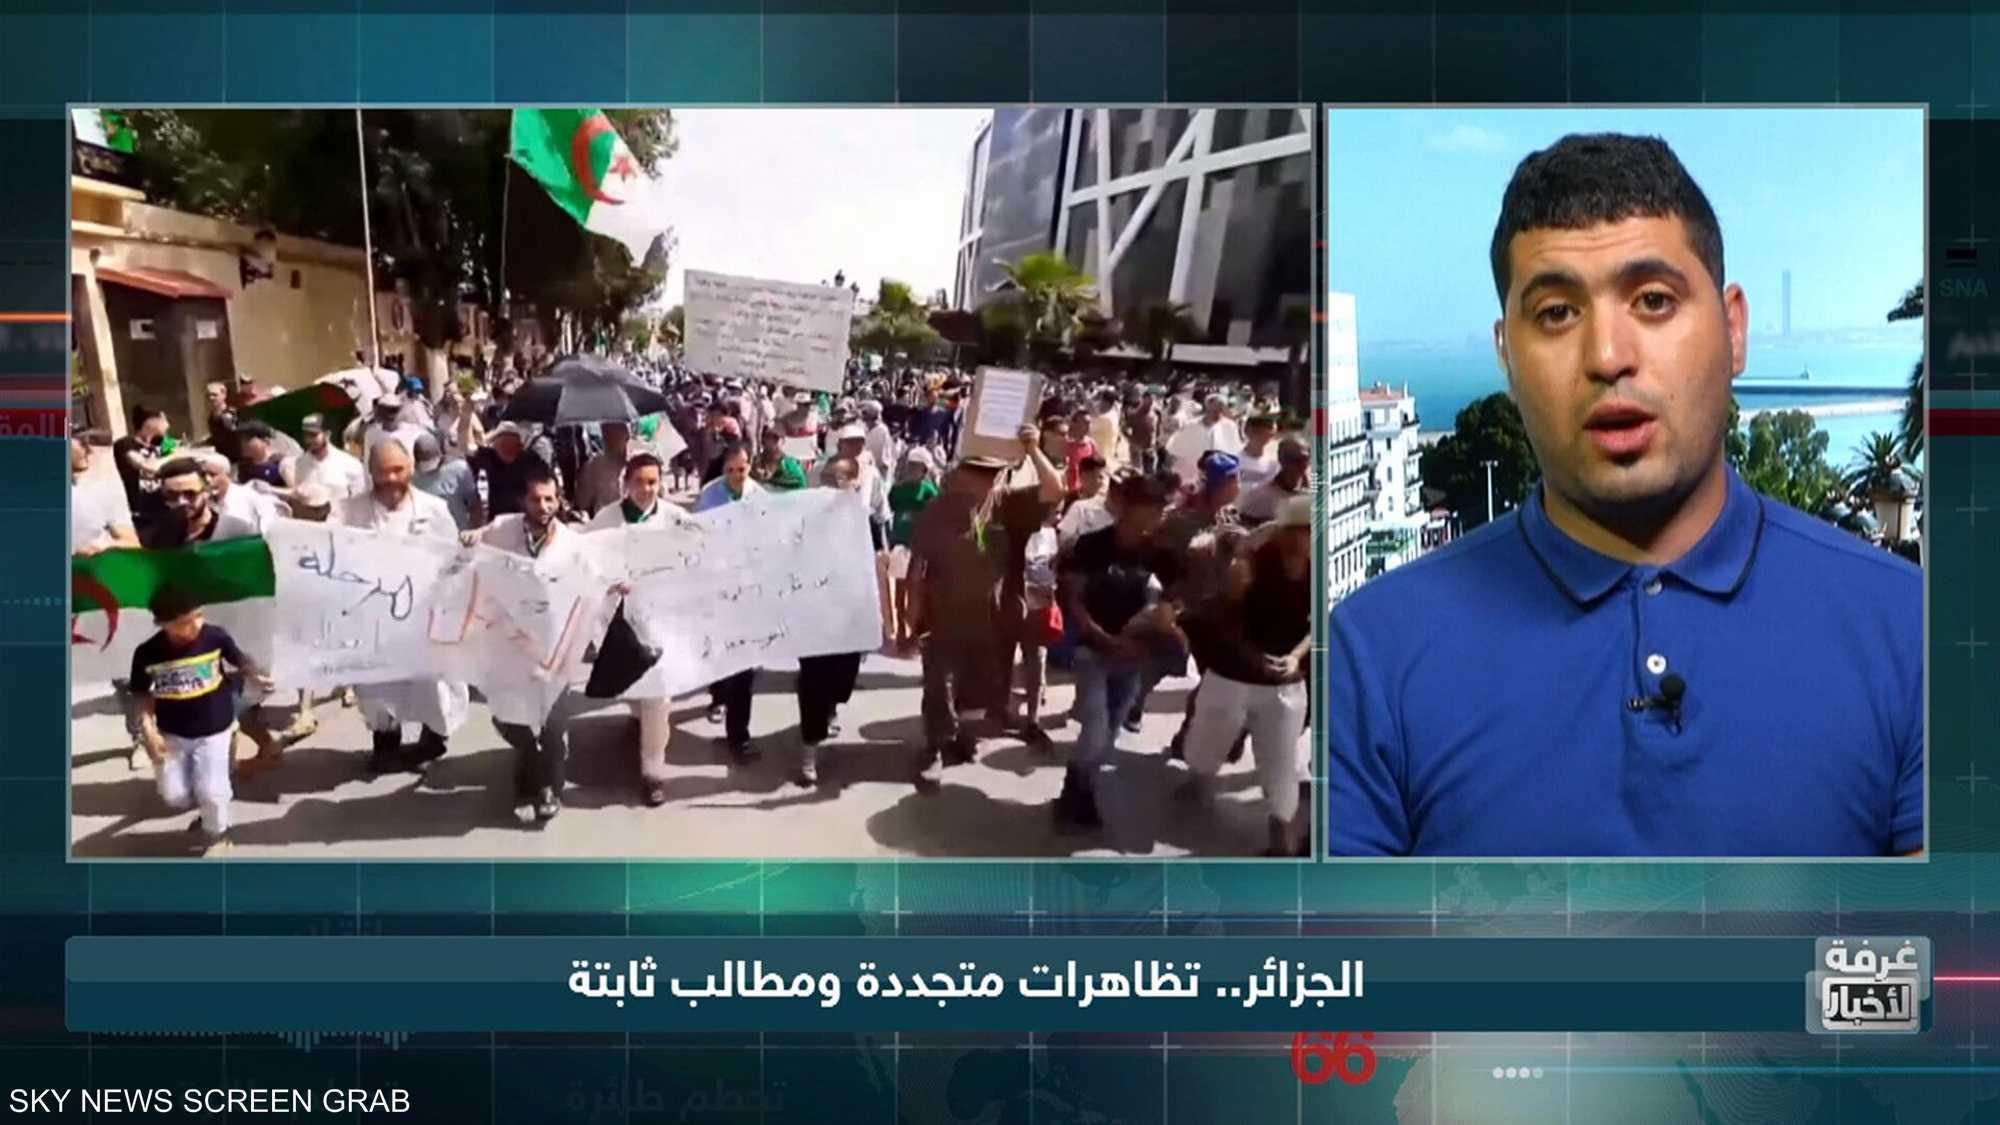 الجزائر.. تظاهرات متجددة ومطالب ثابتة